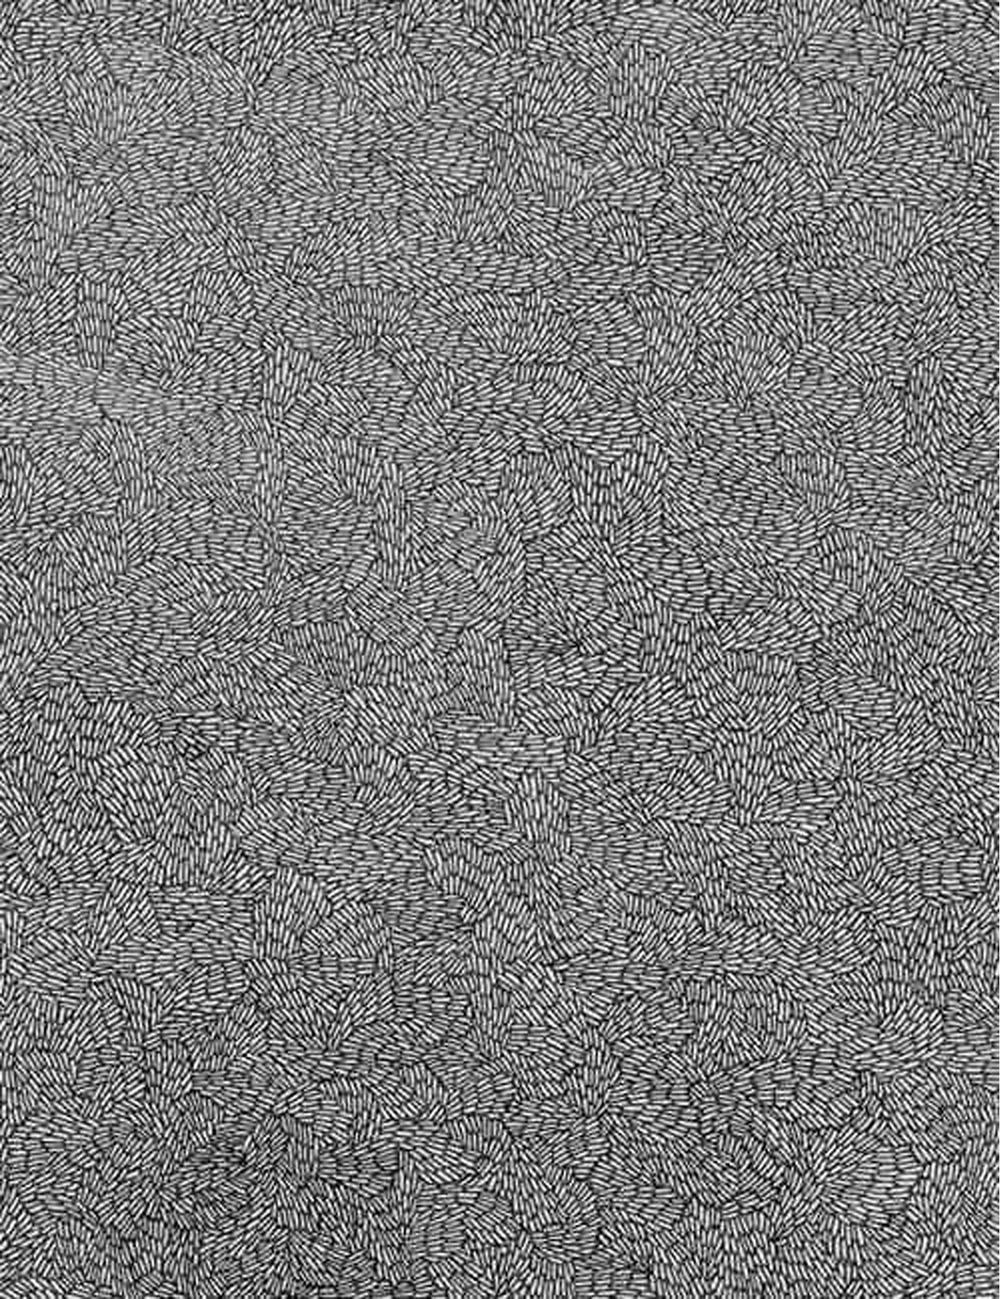 Sachiko Abe Untitled Drawing.jpg